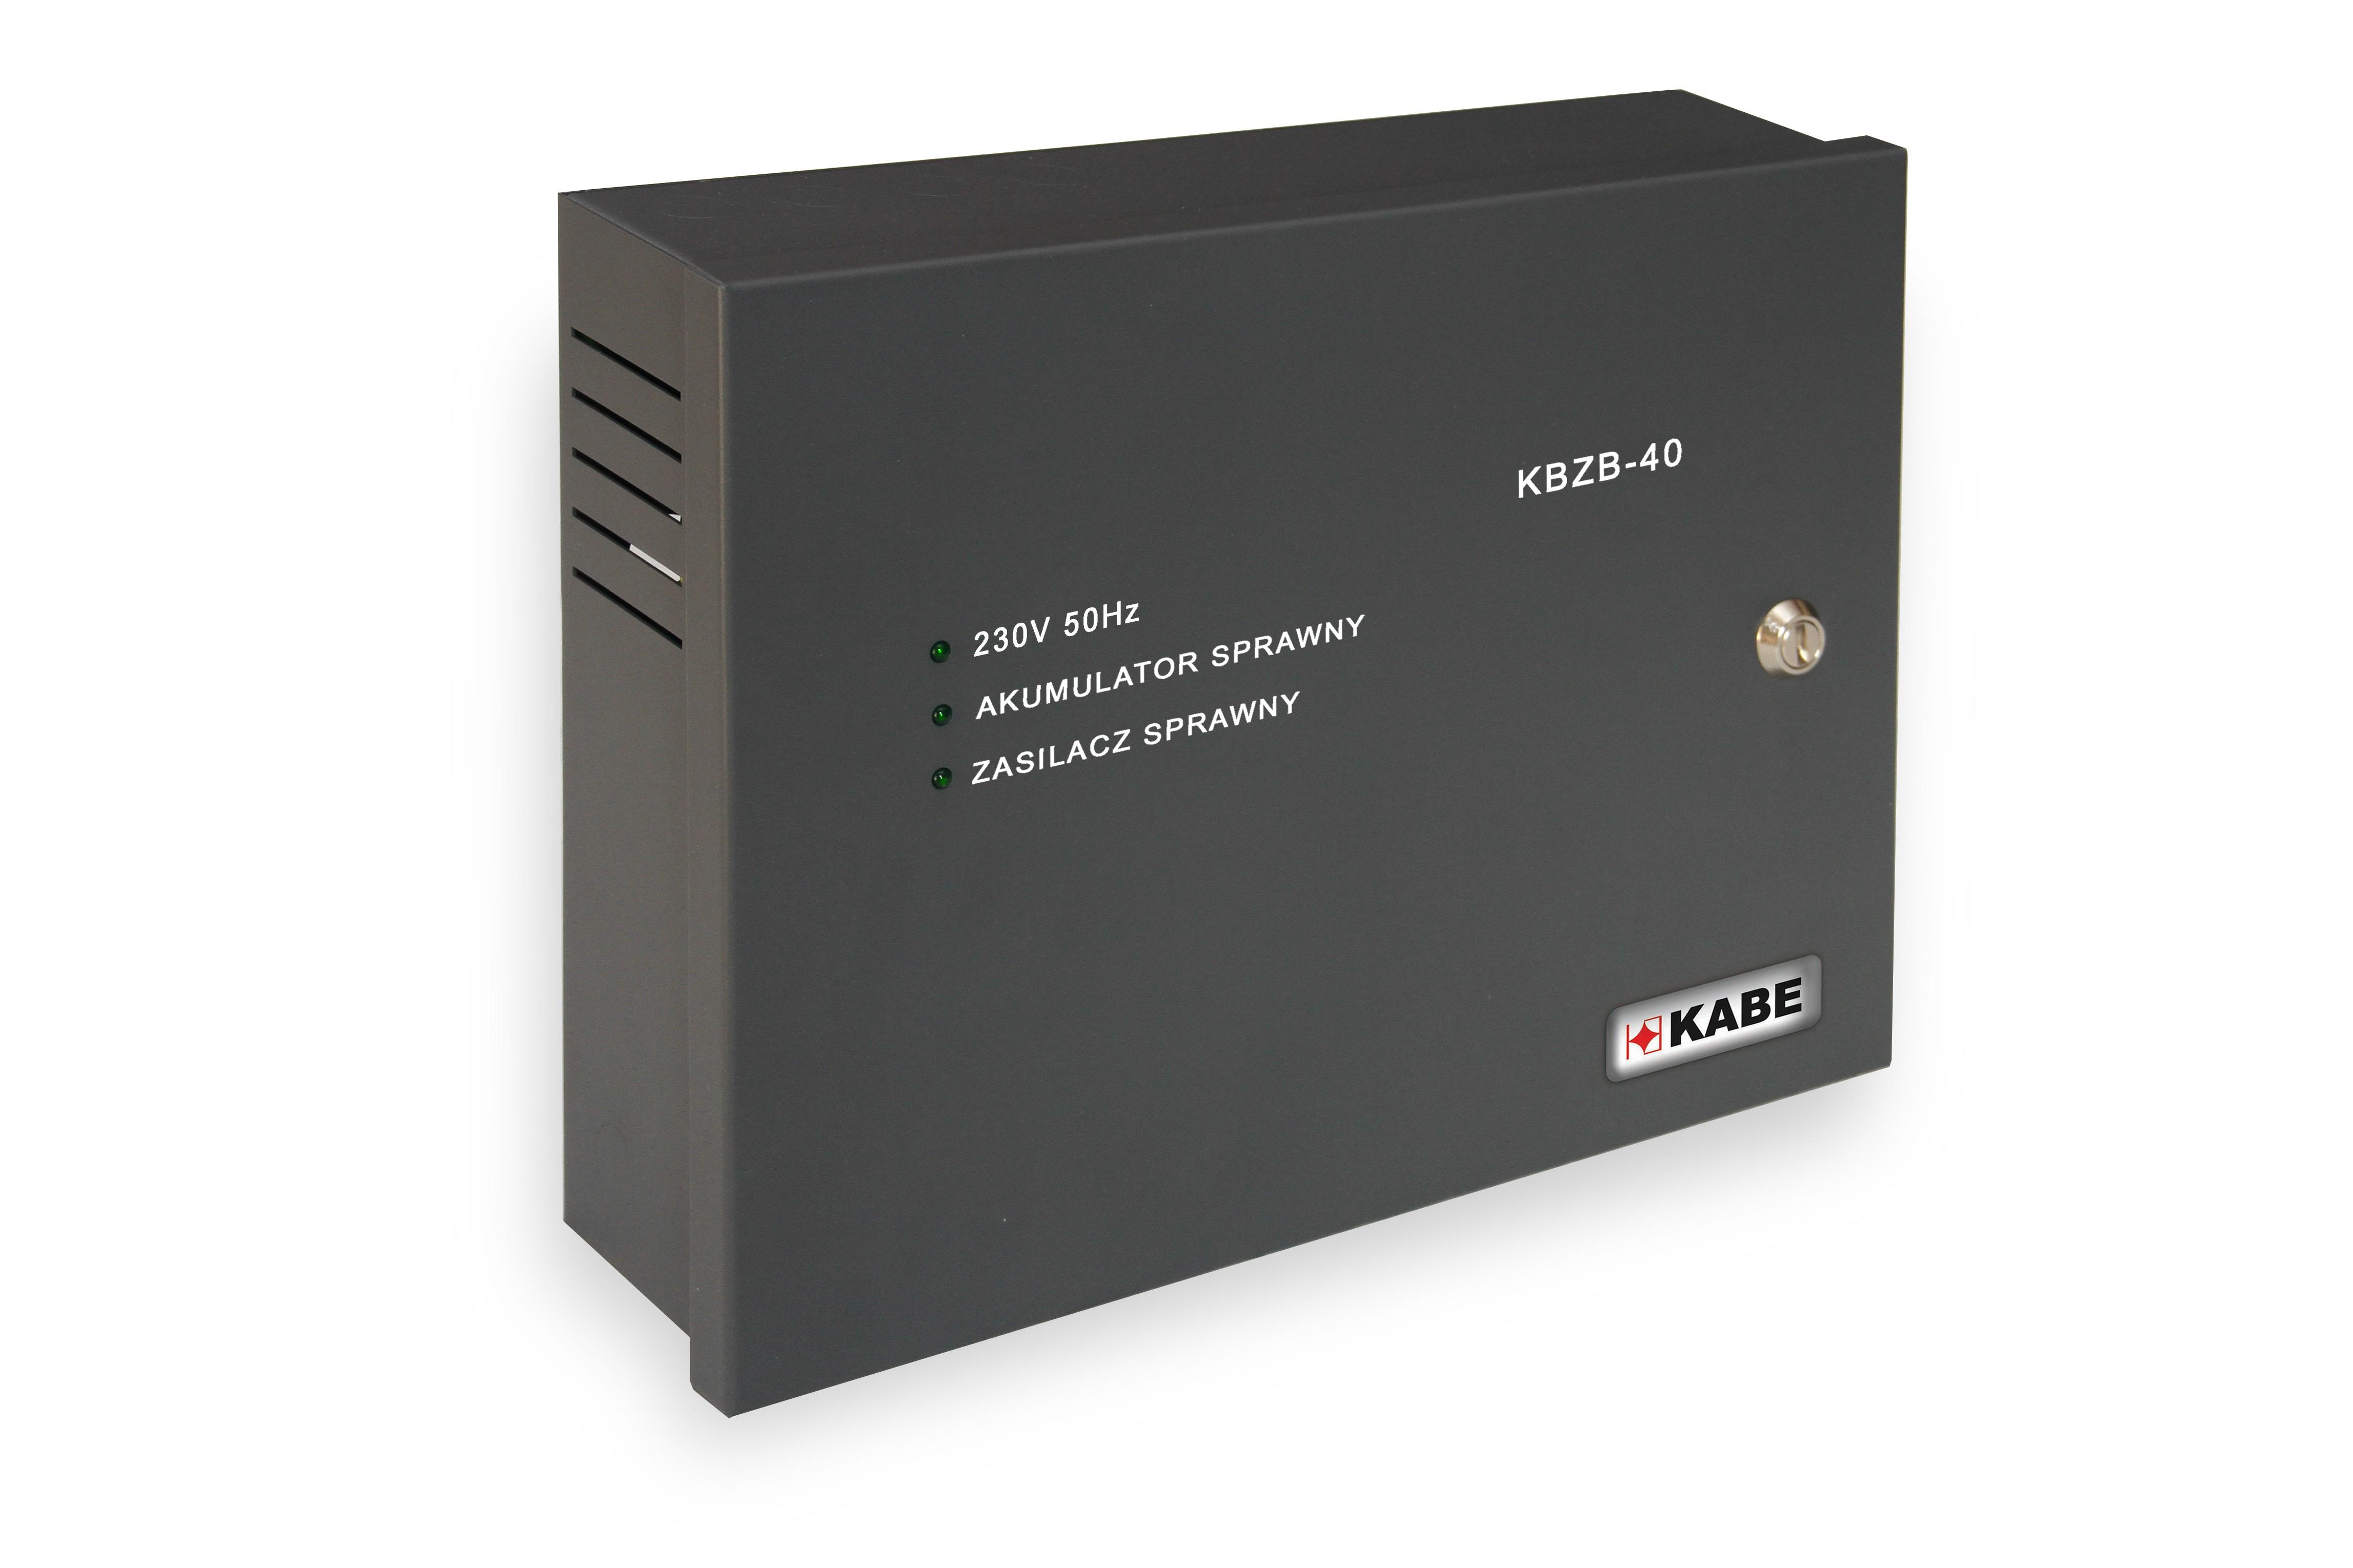 Zasilacz buforowy KBZB-40 3,7A/18Ah